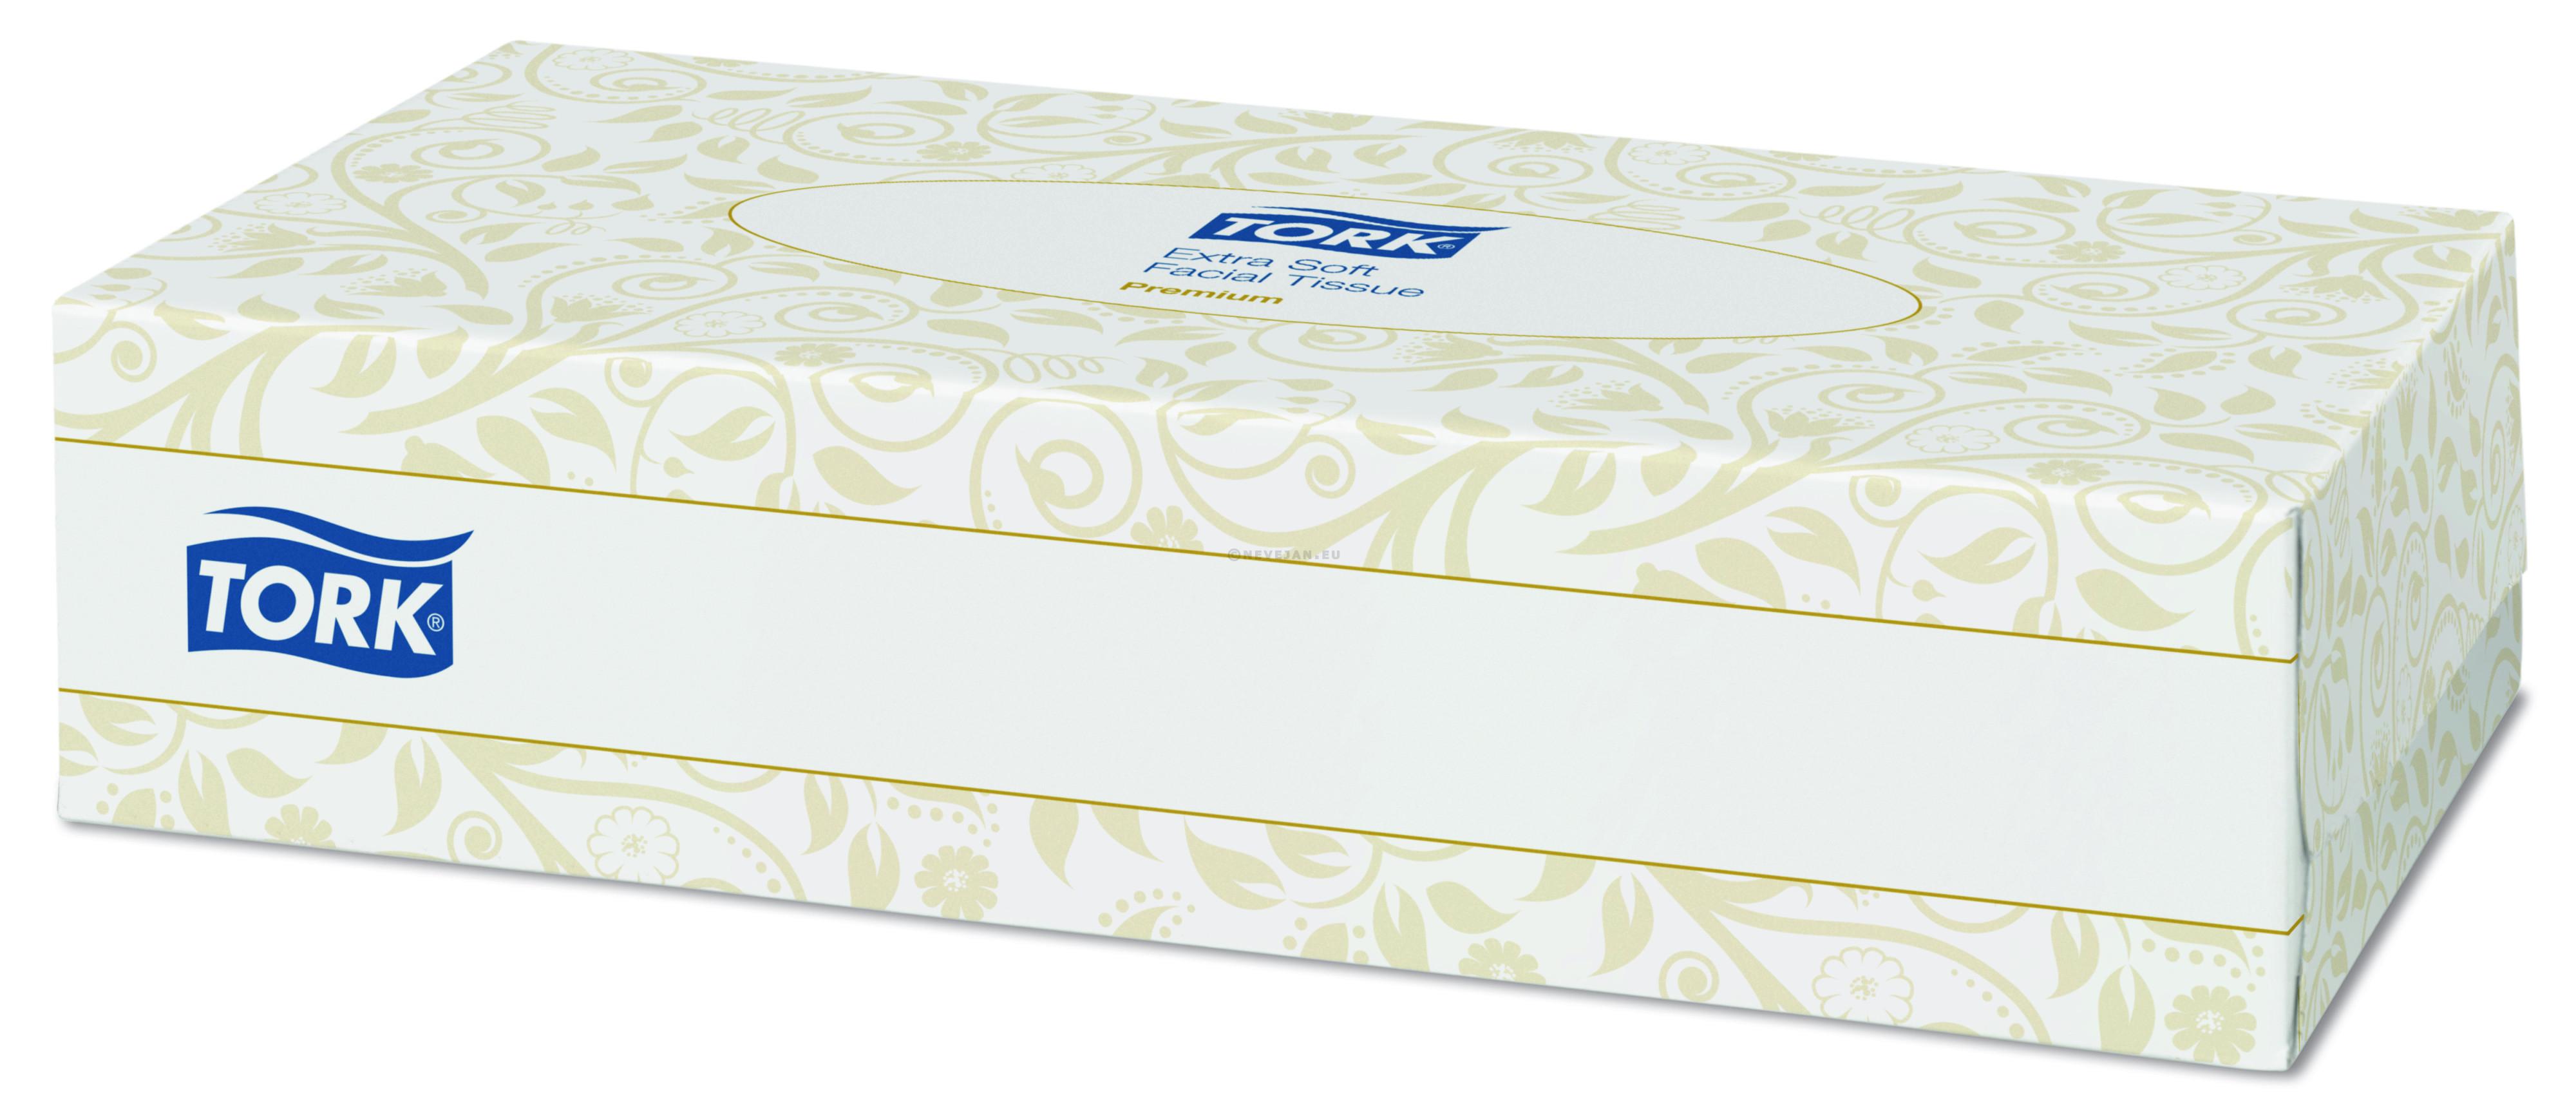 TORK mouchoirs papier Facial Tissues 100pc 140280